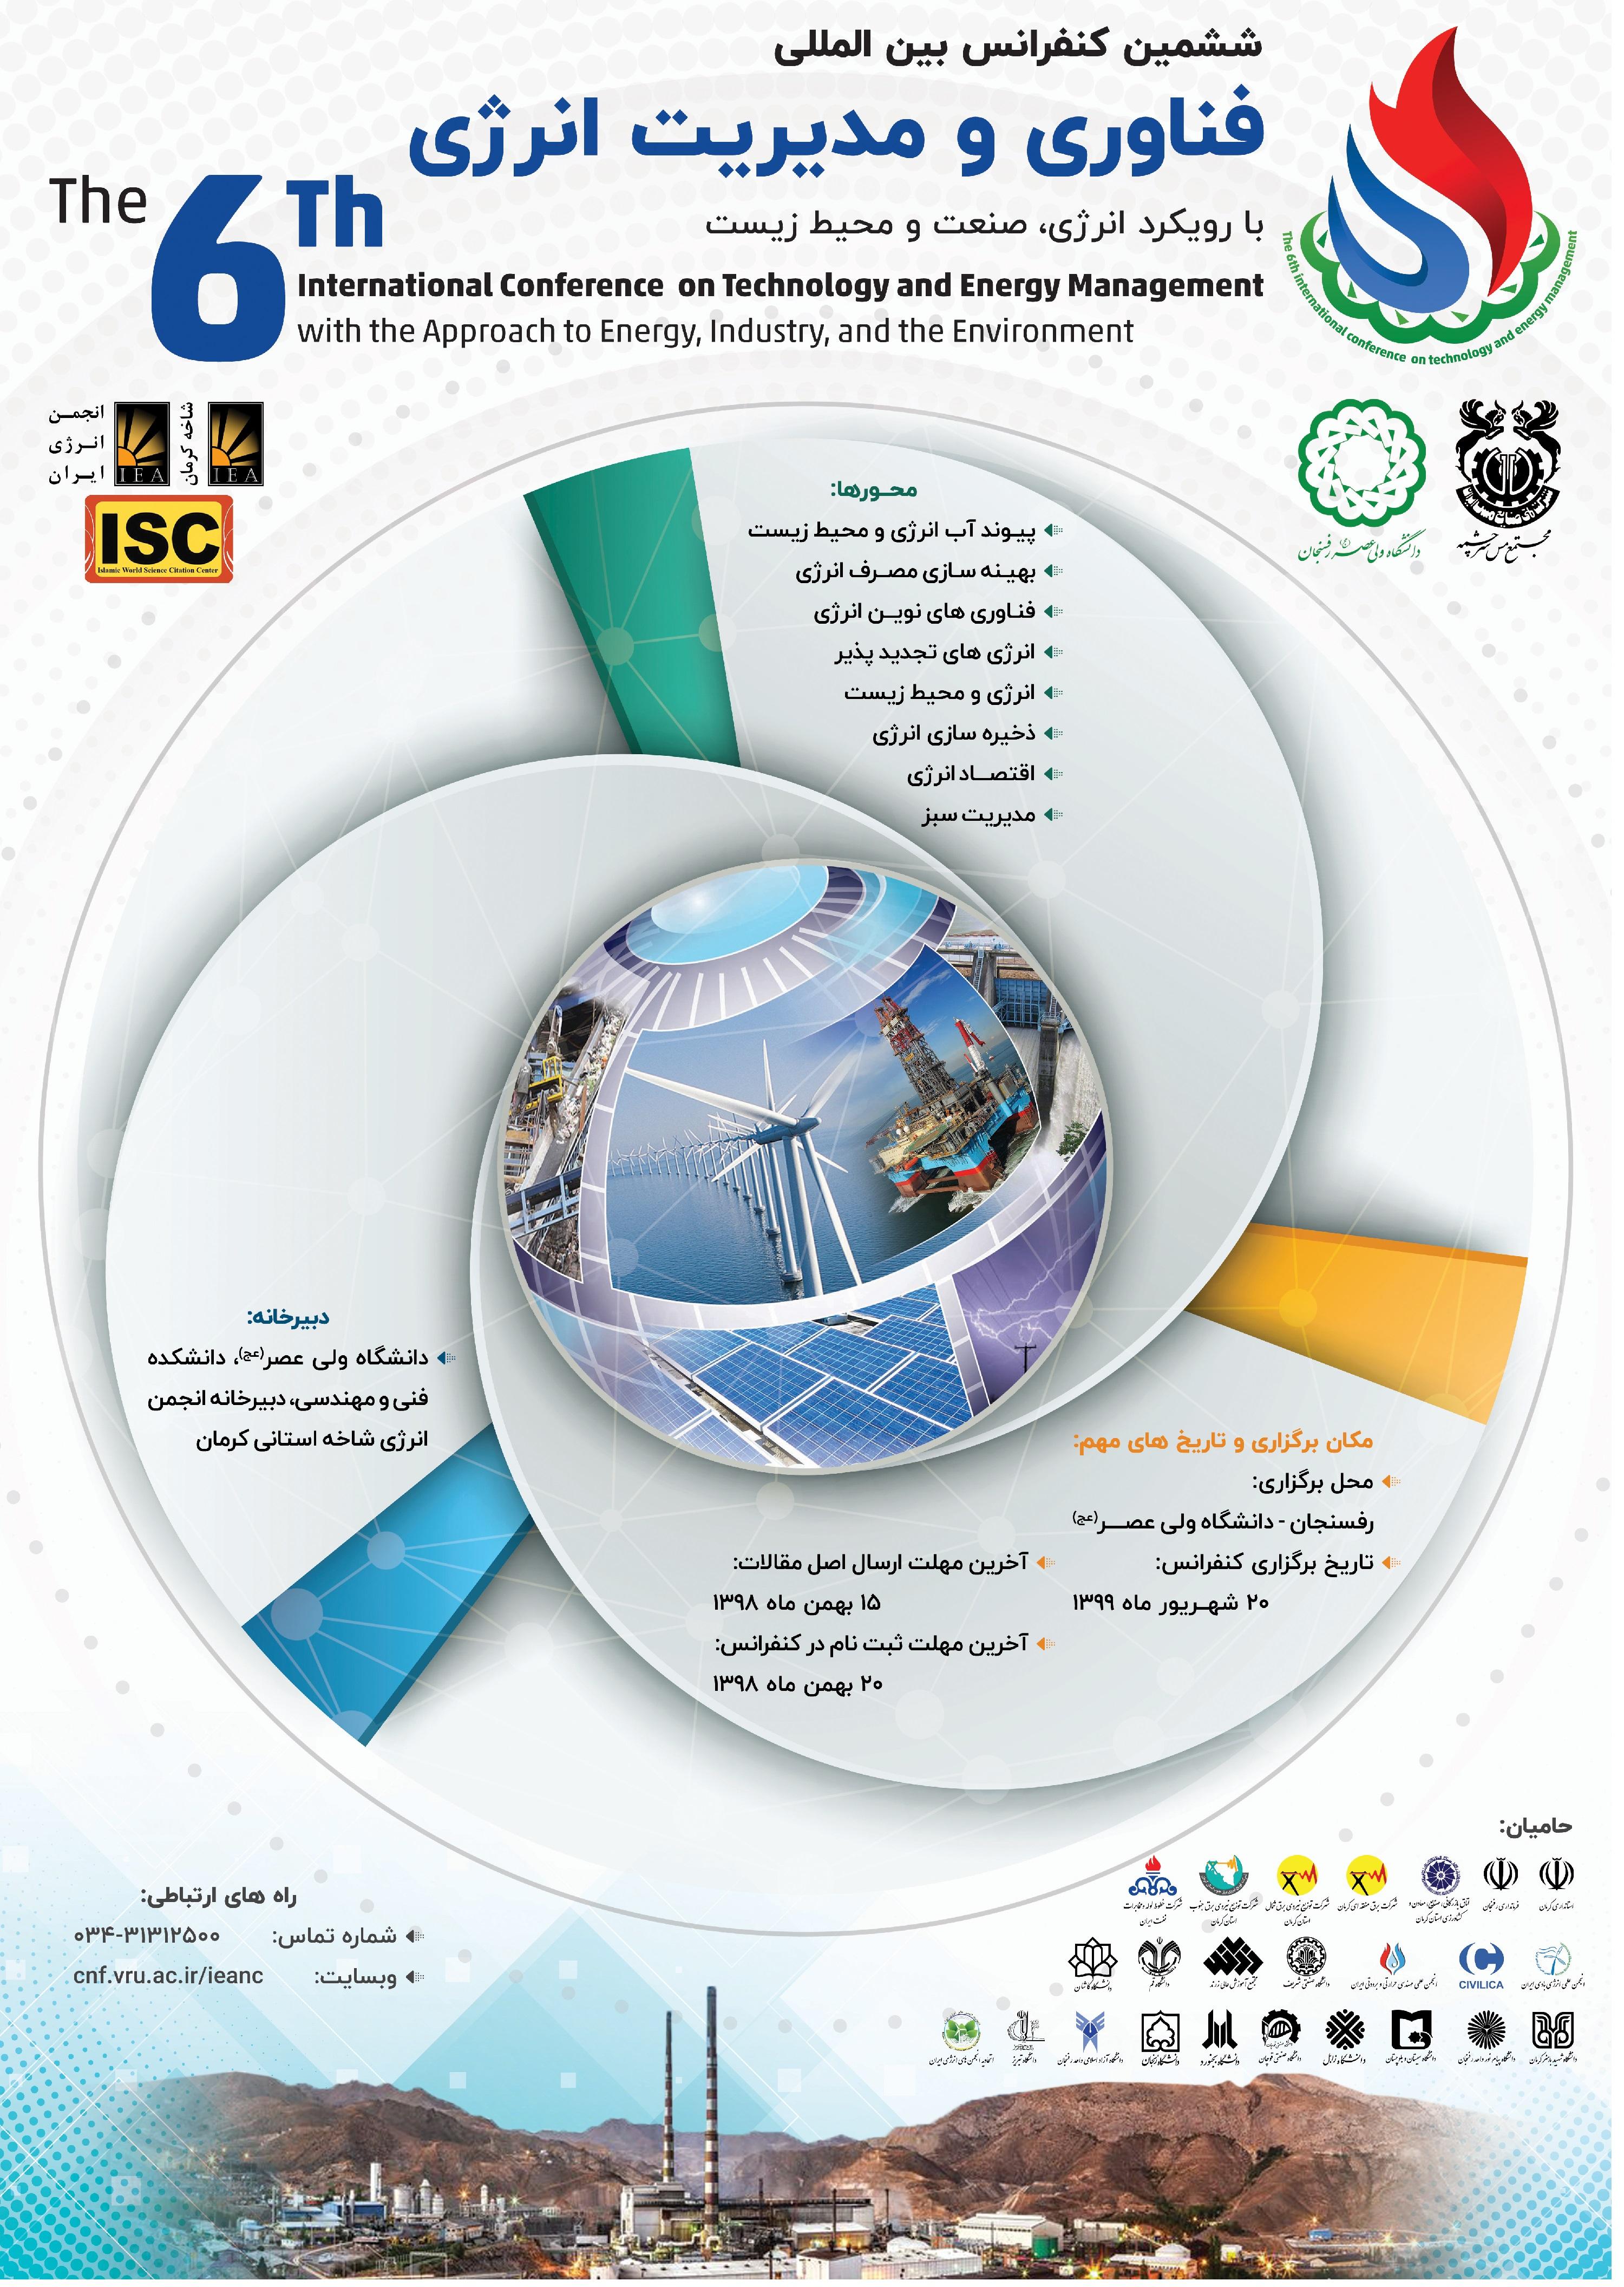 ششمین کنفرانس بین المللی فناوری و مدیریت انرژی